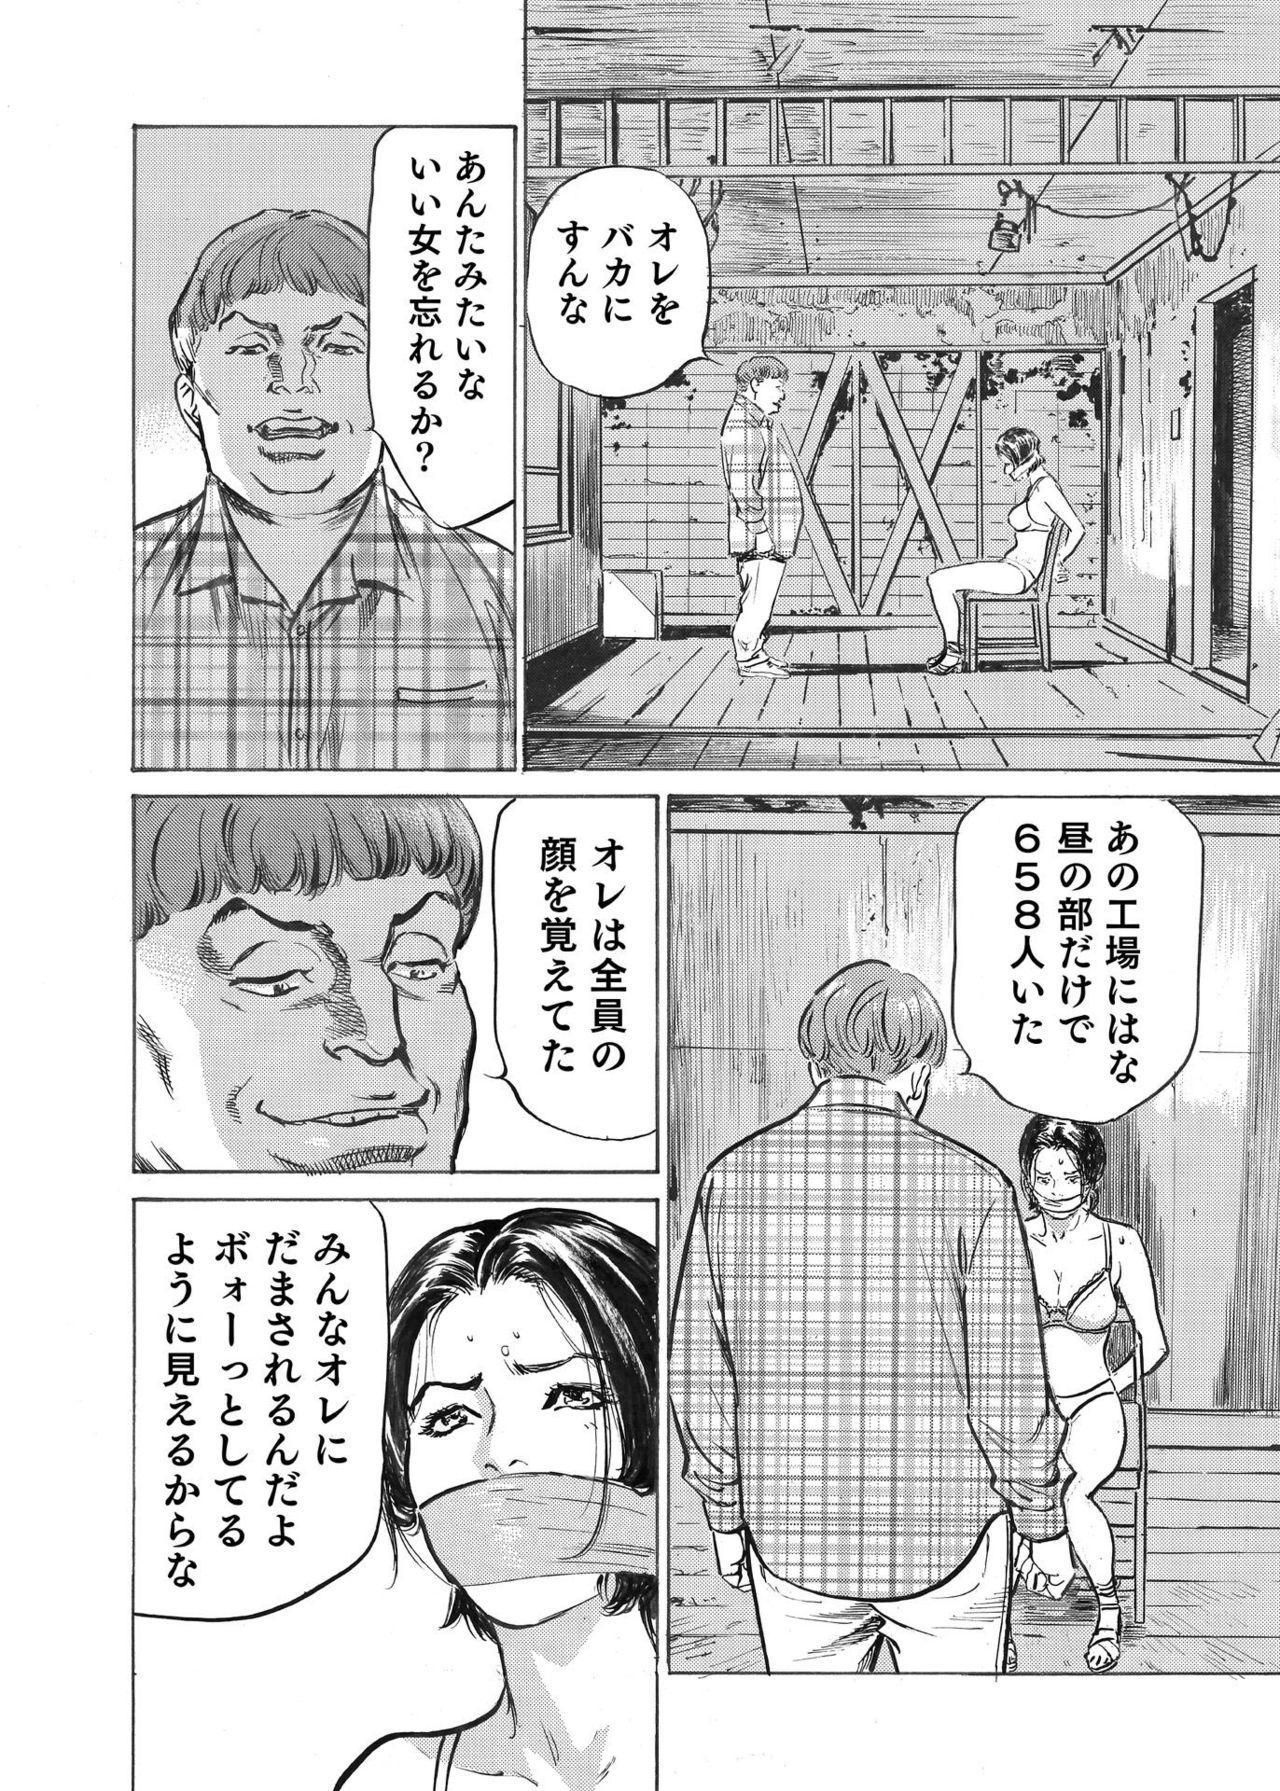 Ore wa Tsuma no Koto o Yoku Shiranai 1-9 179